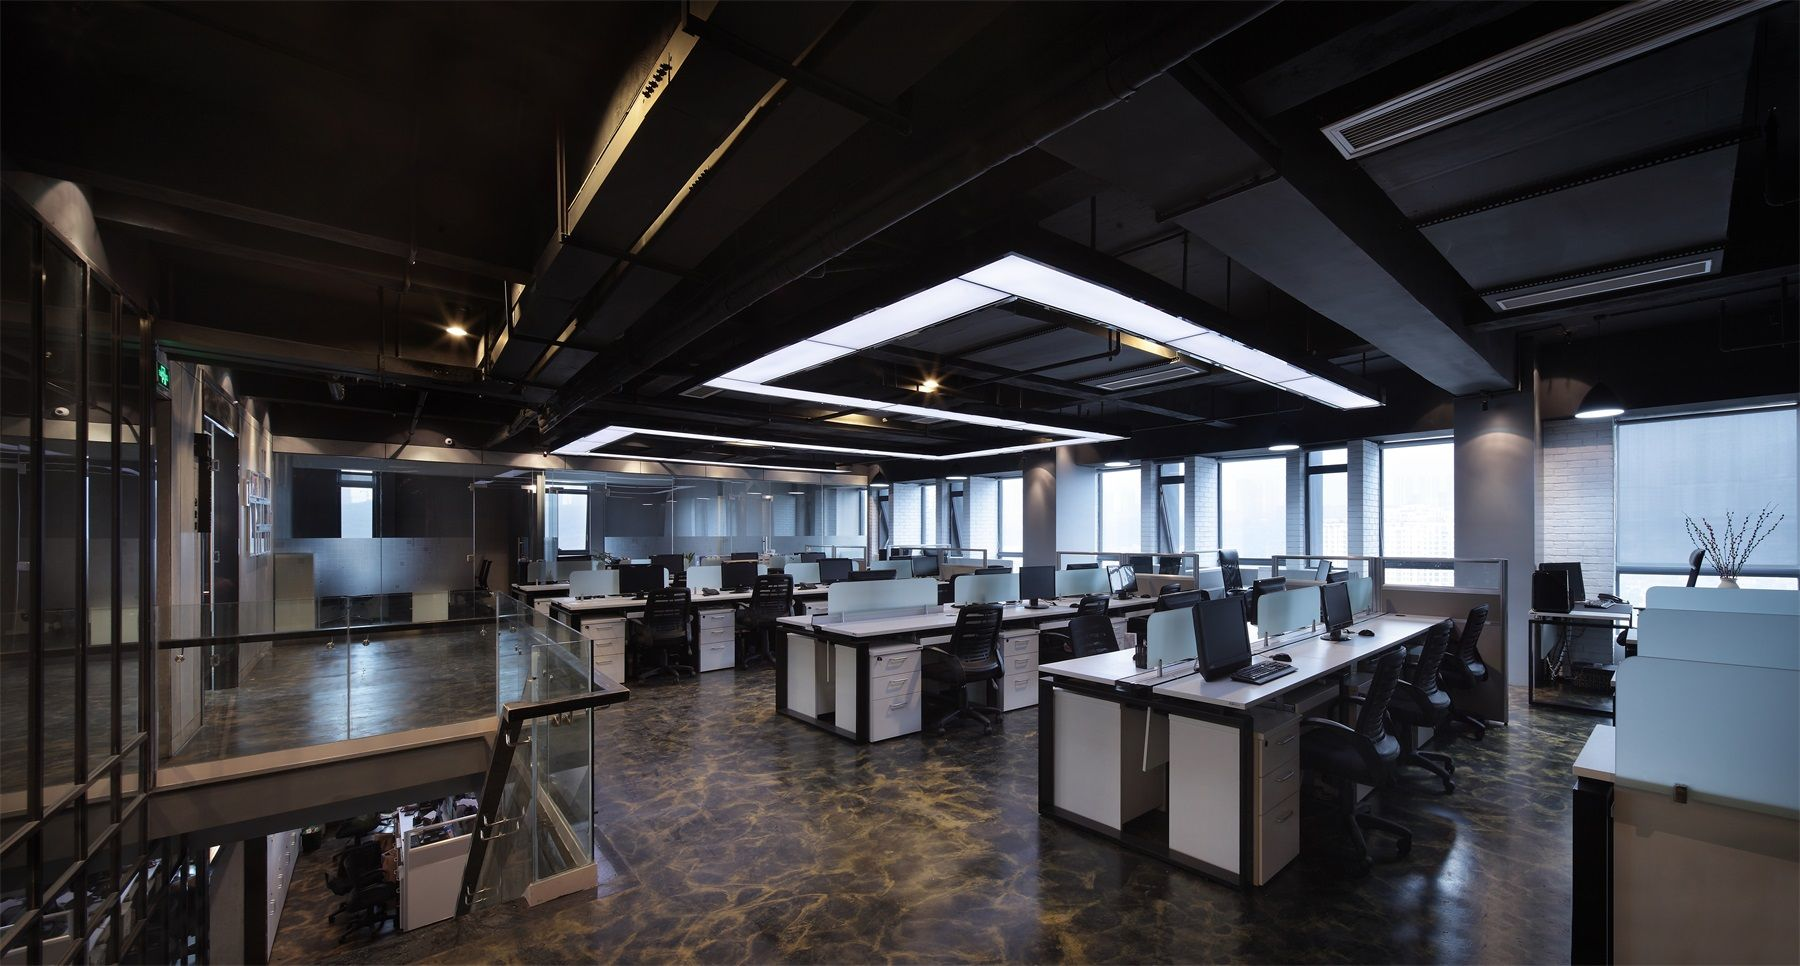 案例说明:本案例是一家工程技术办公室装修效果图。整个设计方案的主体风格是稳重大气,同时对于施工?#20998;?#30340;要求那也是绝对的鲜明。办公室采用大片的棕色、灰色,显示出办公室的高端大气。同时,墙壁上挂着三水画,凸显经理、老总办公室的意境。